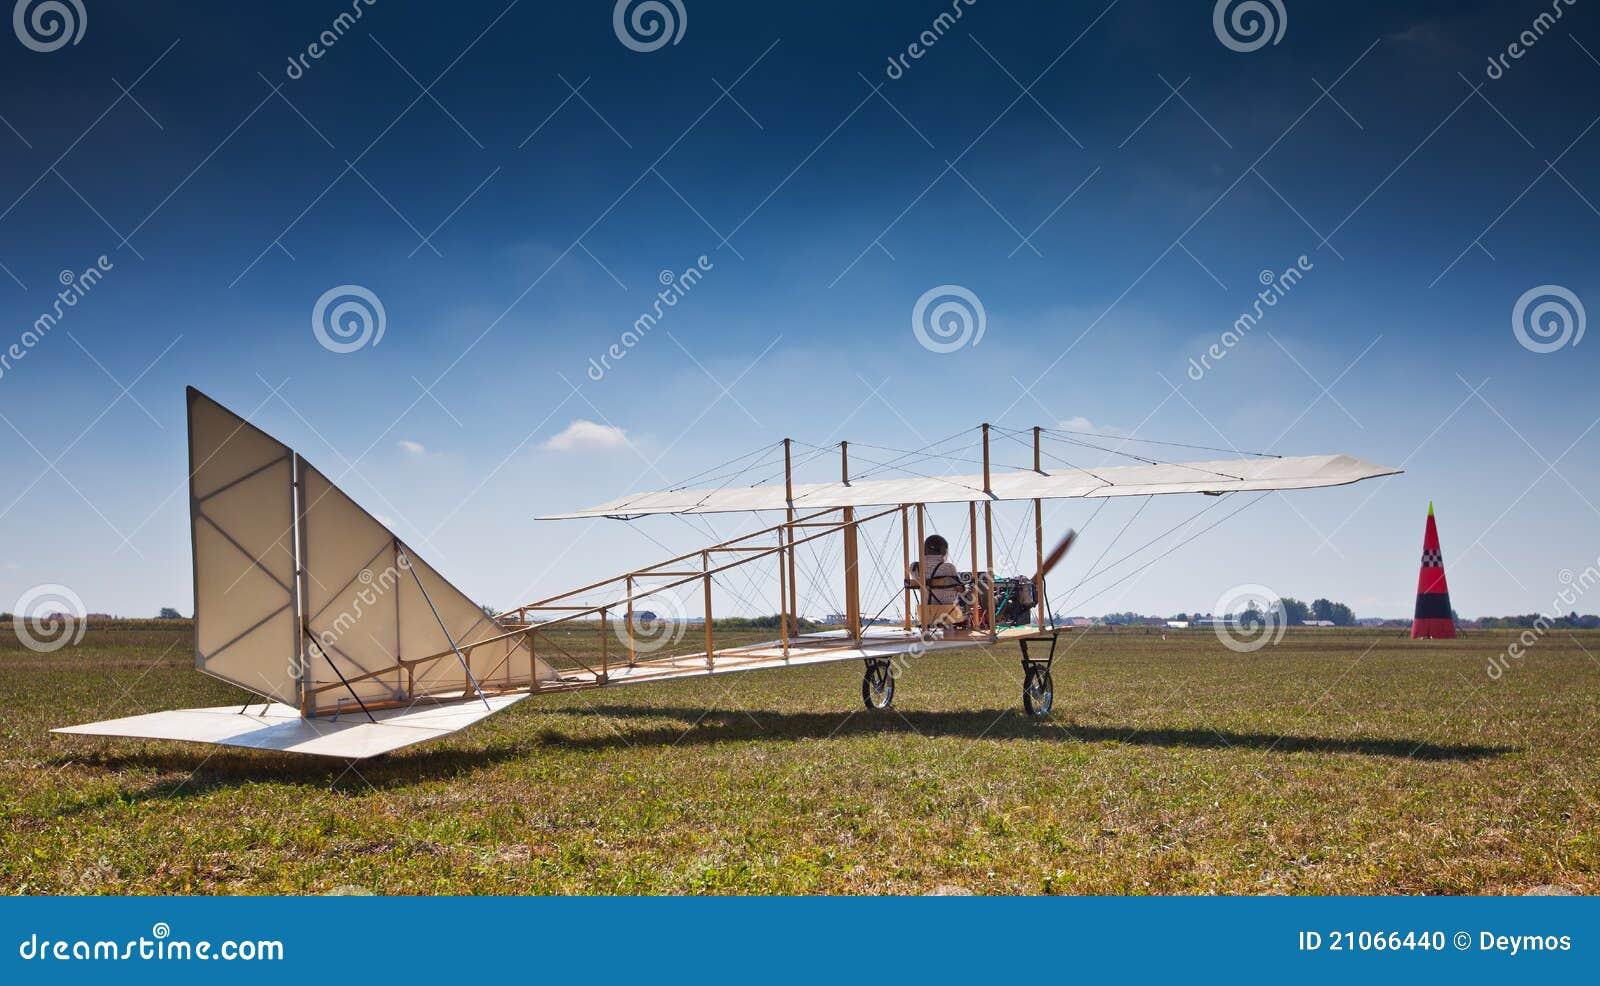 Replik eines alten Flugzeuges